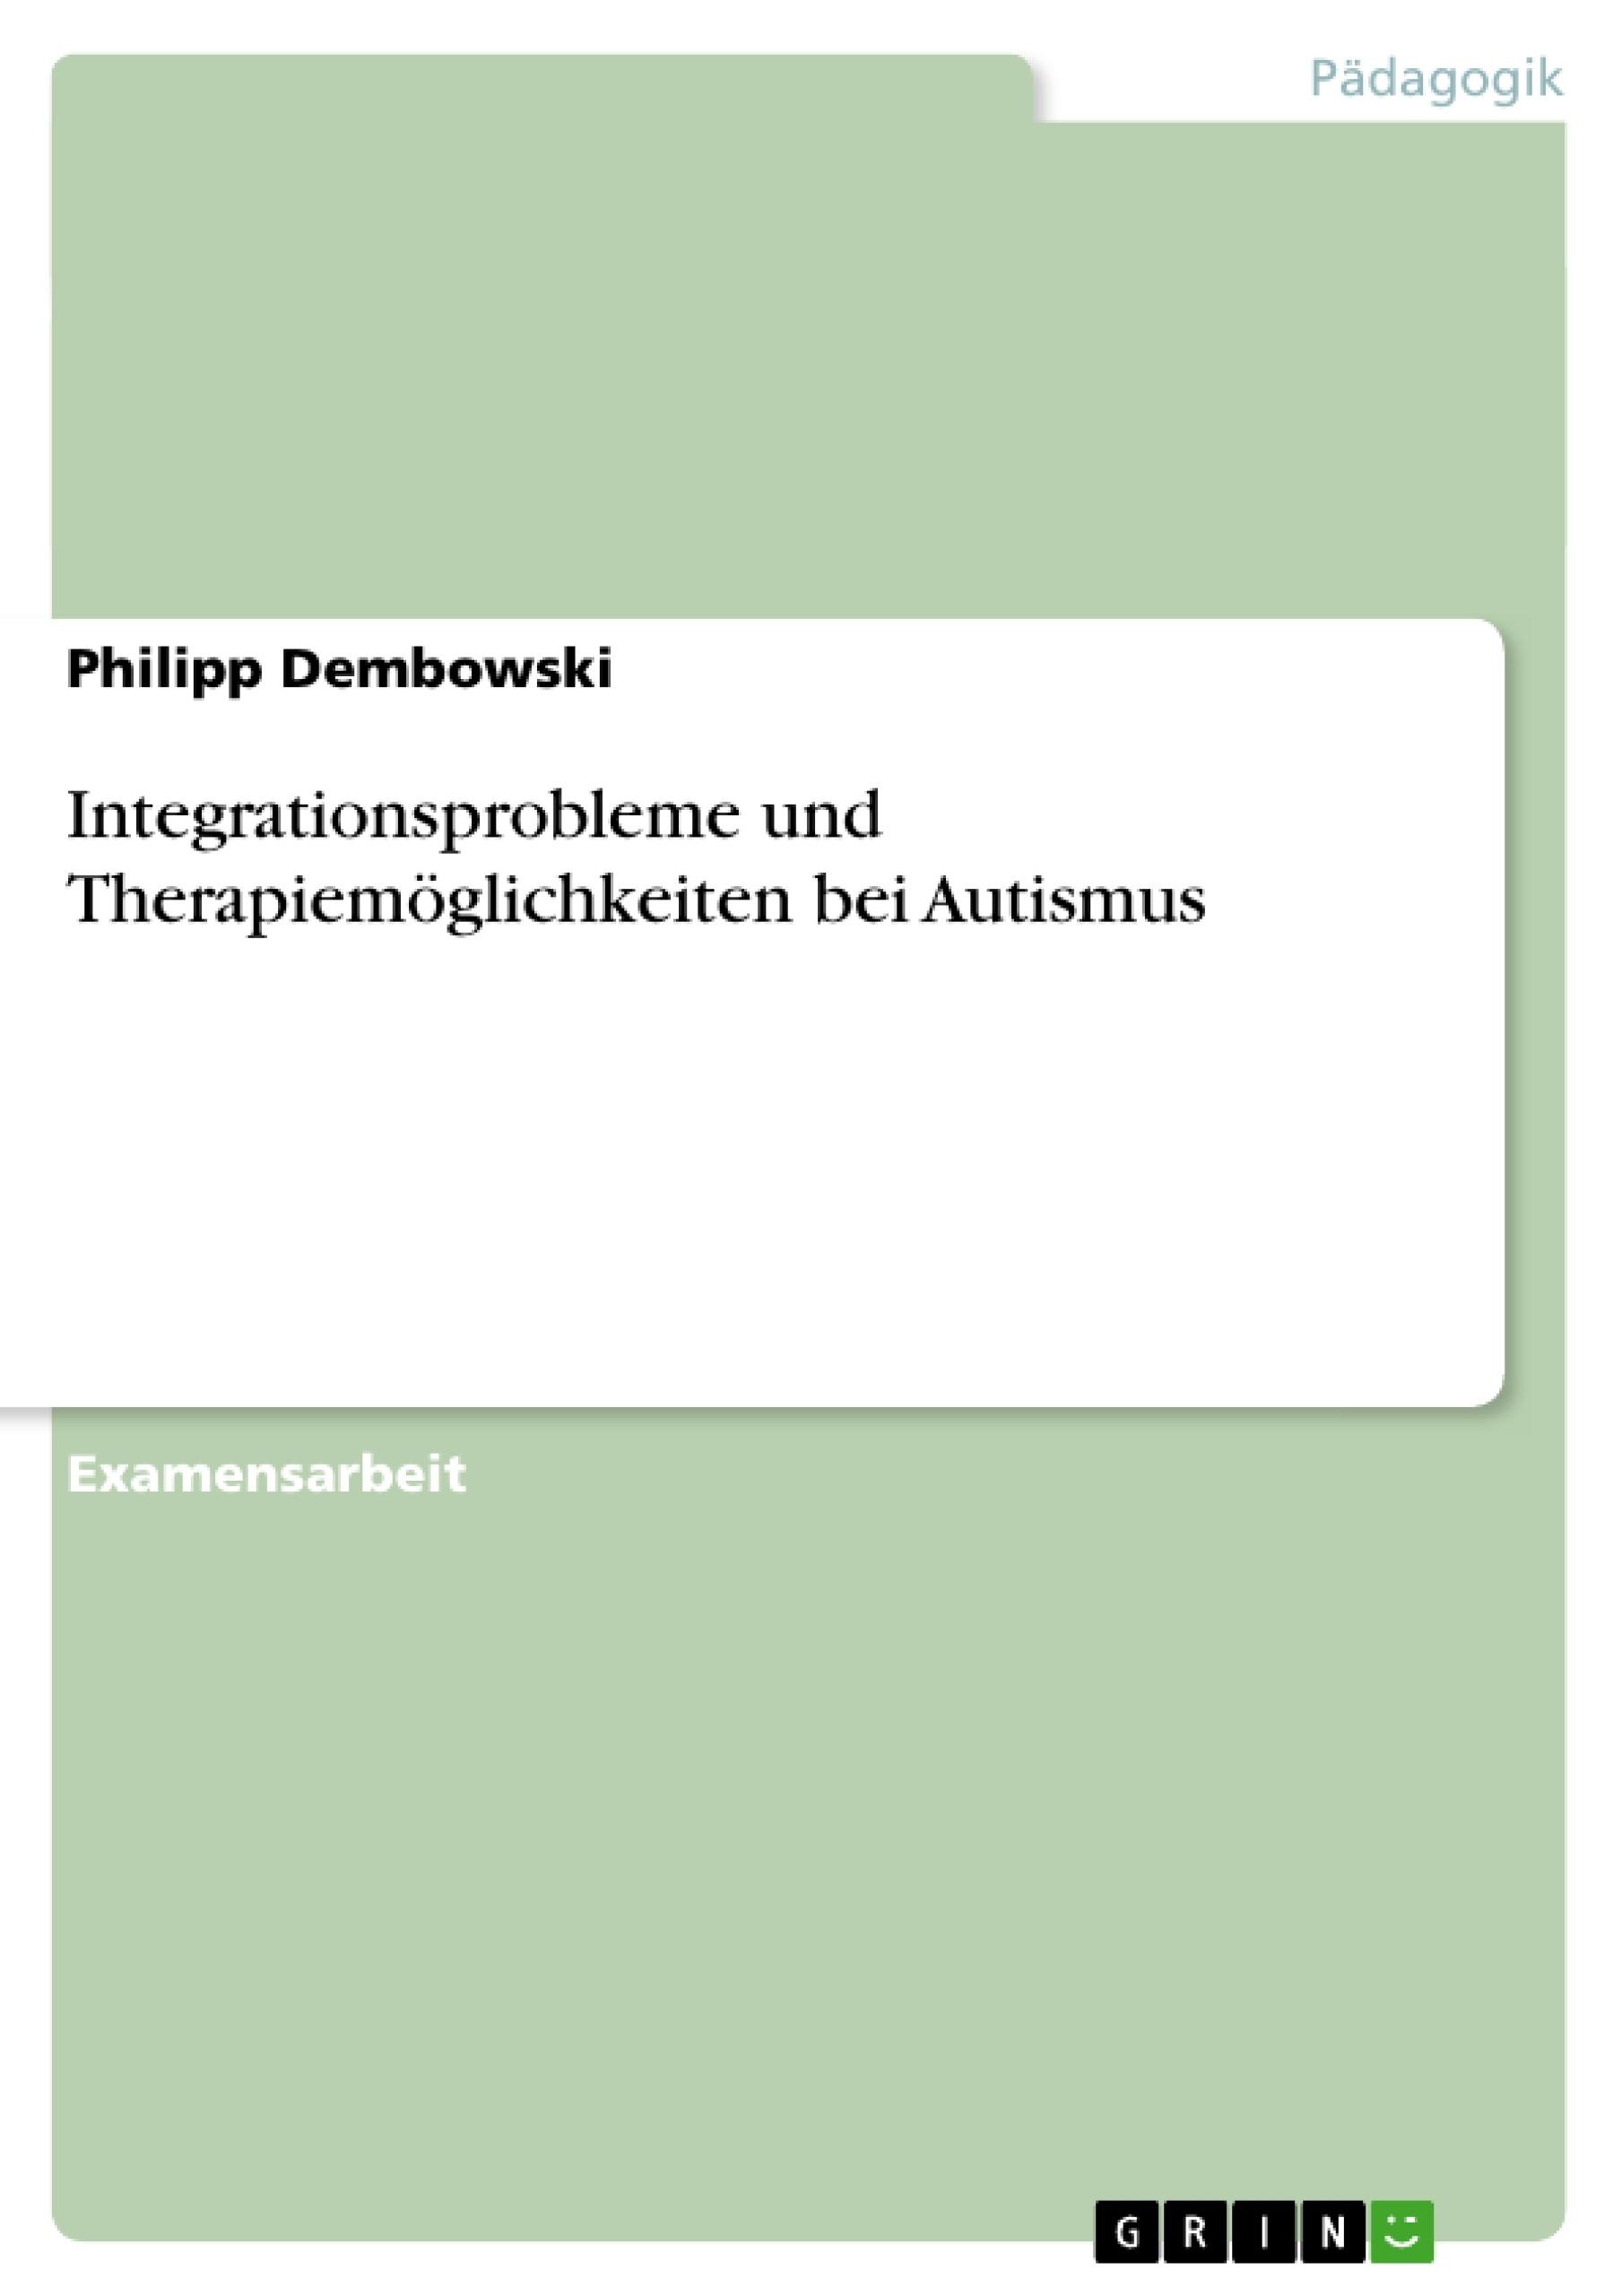 Titel: Integrationsprobleme und Therapiemöglichkeiten bei Autismus